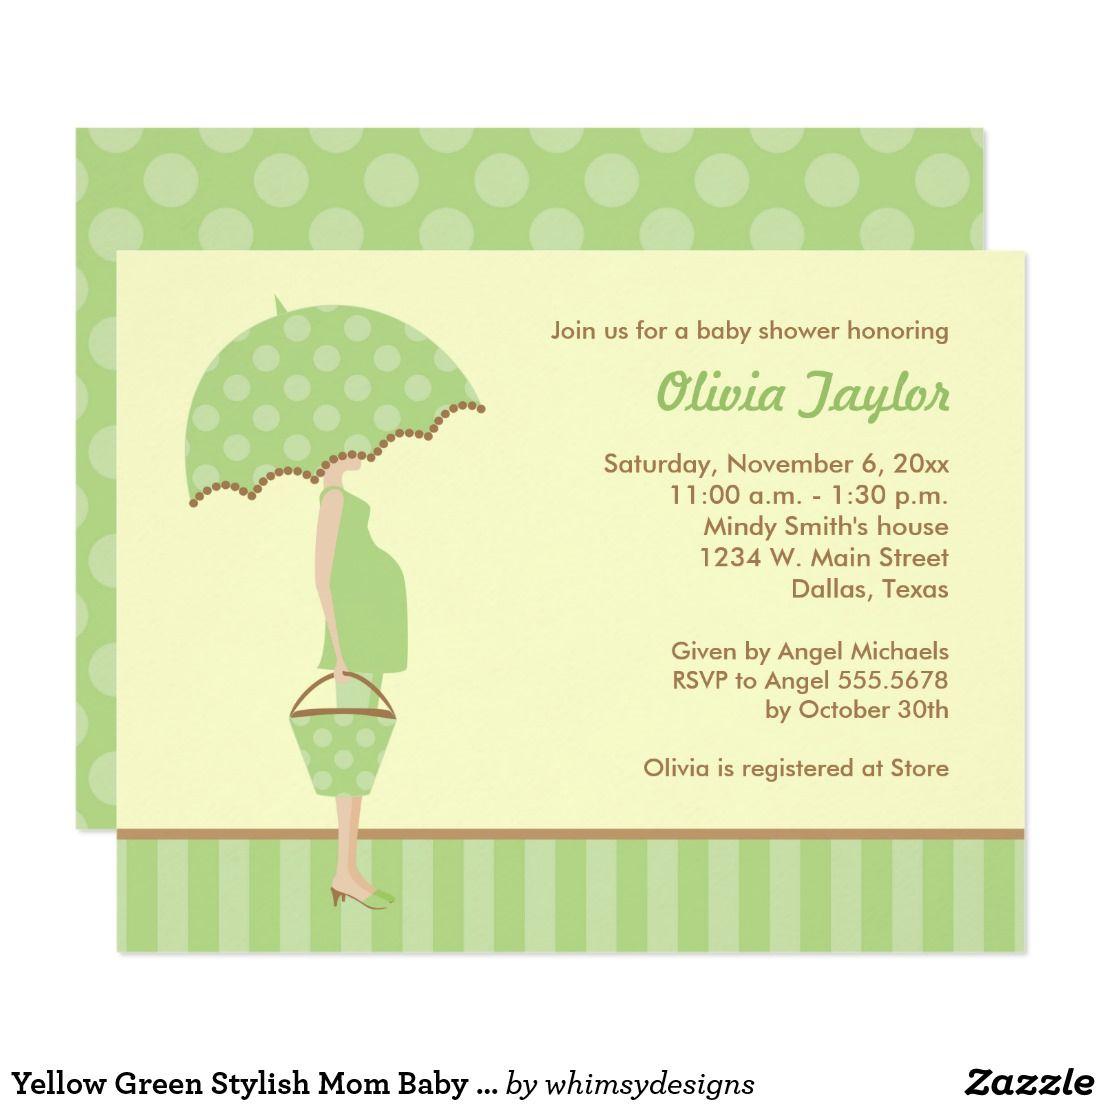 Yellow green stylish mom baby shower invitations shower invitations yellow green stylish mom baby shower invitations filmwisefo